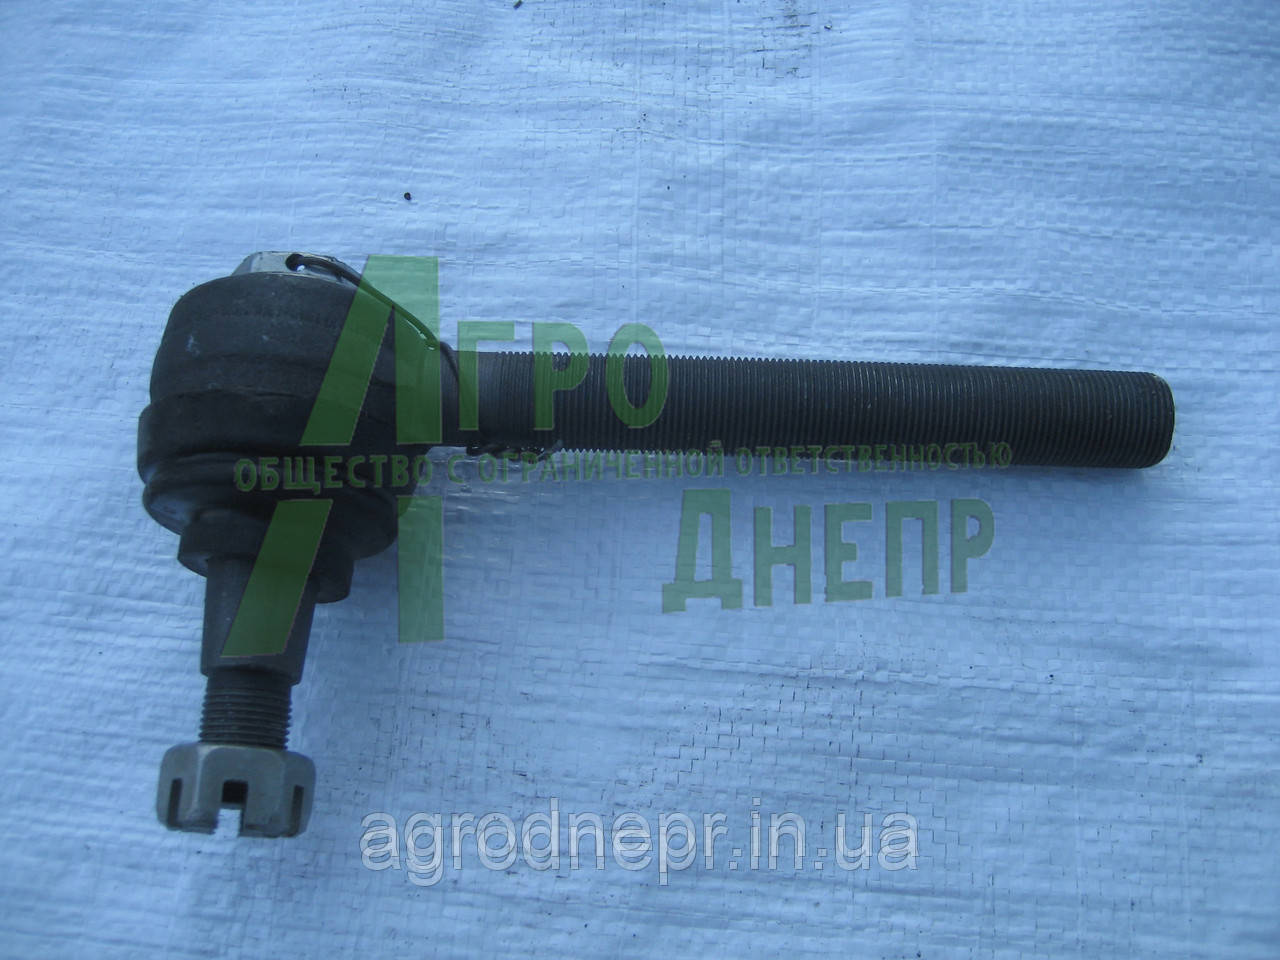 Шарнир унифицированый левый (длинный)передней оси ЮМЗ А35.32.000-А-01 СБ